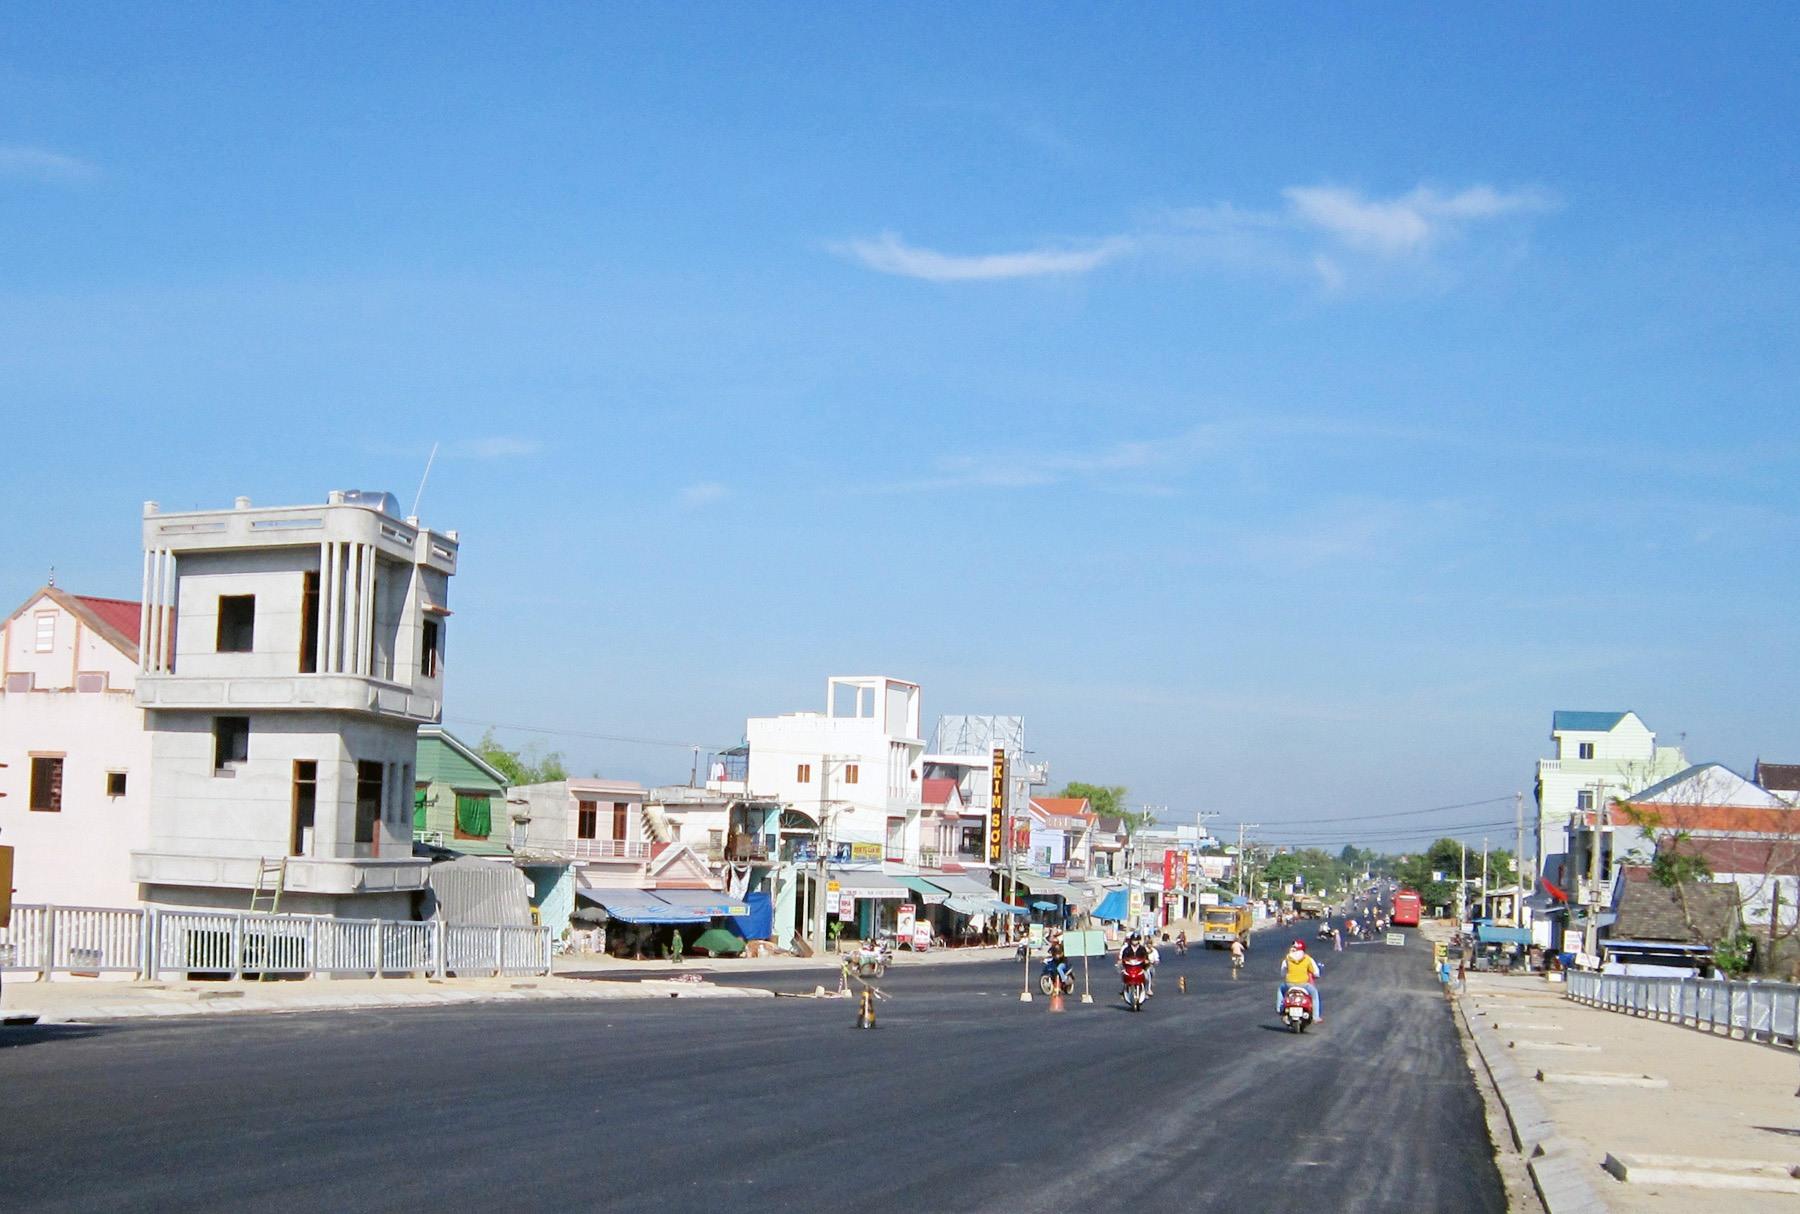 Thị trấn Hương An - một trong những đô thị loại V của tỉnh, có tương lai phát triển rất tốt nếu được quy hoạch bài bản, khoa học. Ảnh: B.A